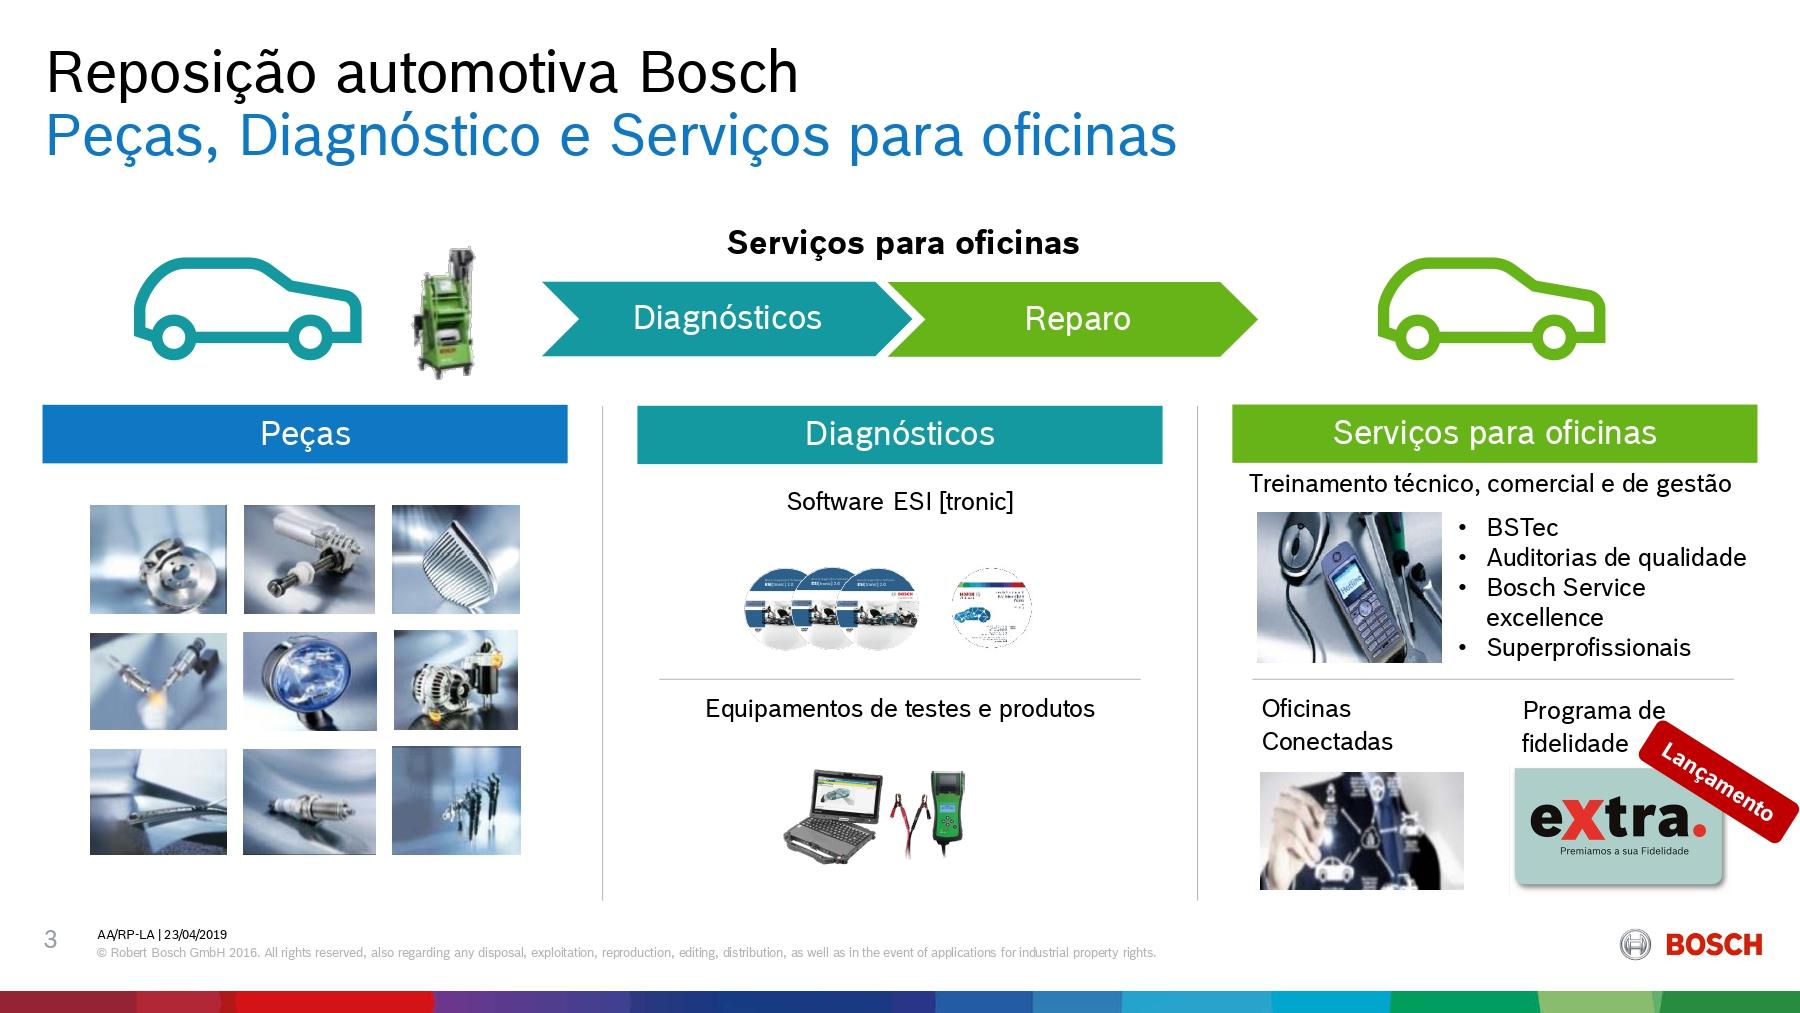 Reposição Automotiva - Peças, diagnósticos e serviços para oficinas